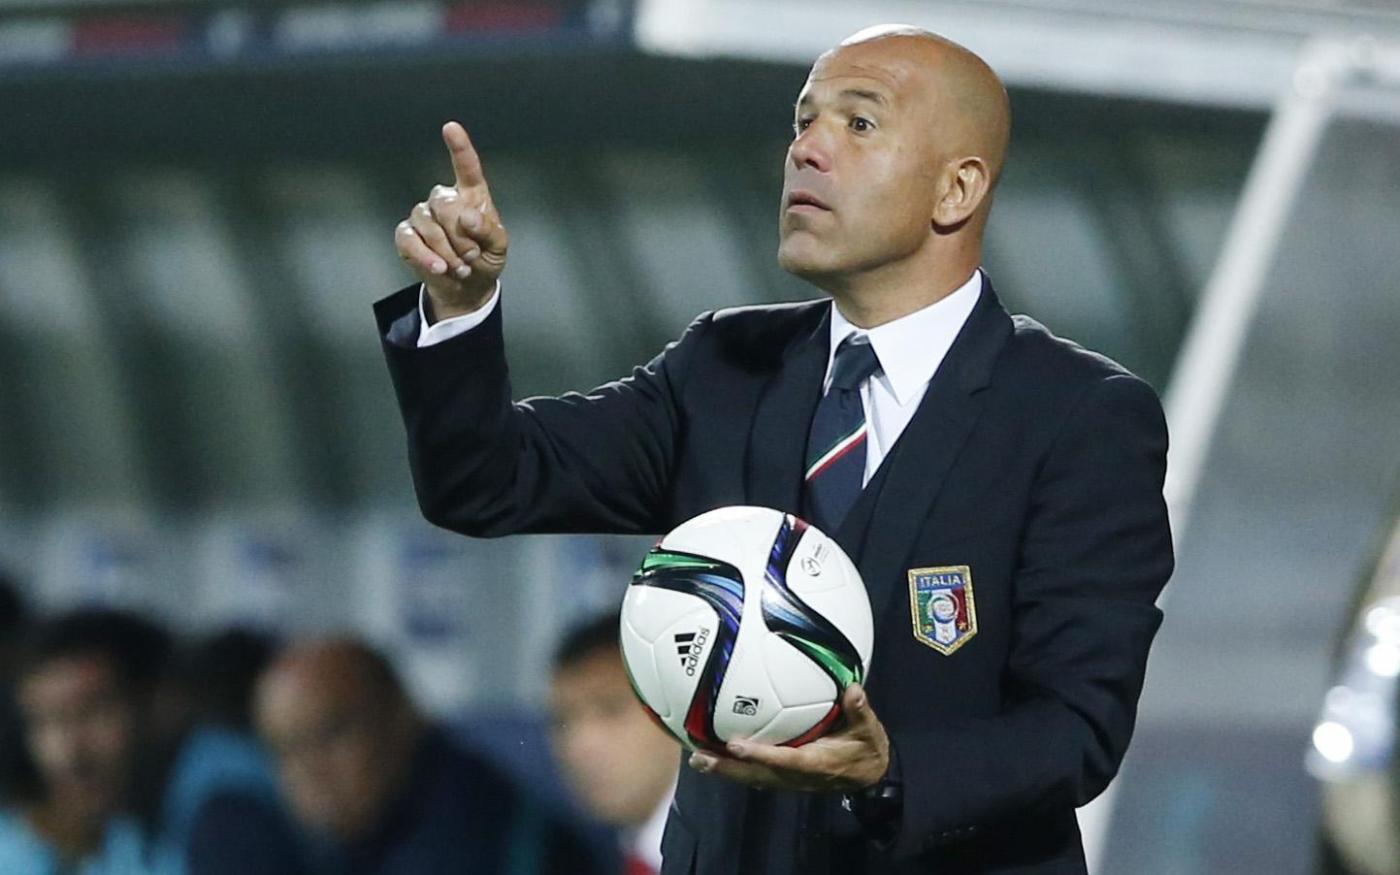 """Di Biagio: """"Ho consigliato ai ragazzi di andare a giocare in Serie B. La Serie A è bella, ma se fai panchina.."""""""